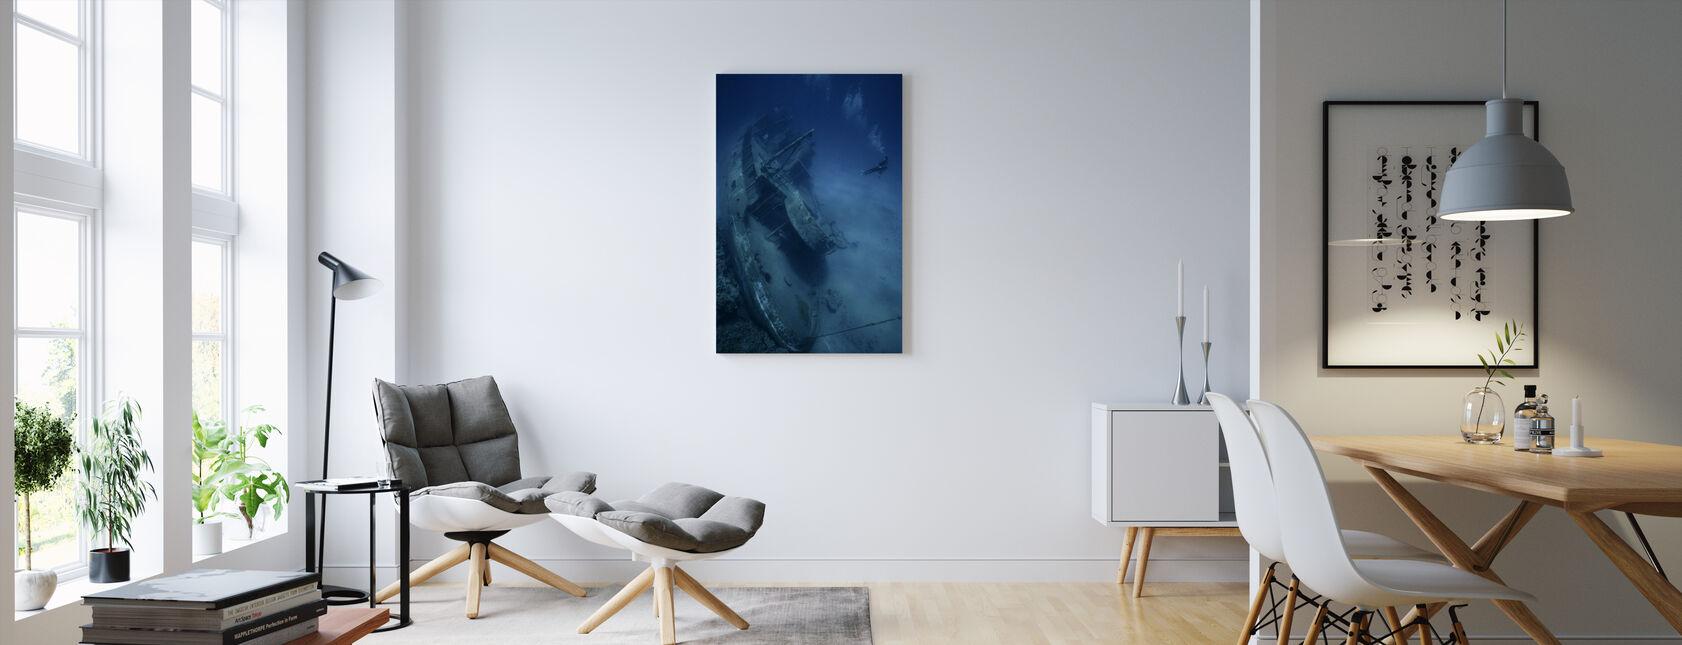 Shipwreck and Diver - Canvas print - Living Room